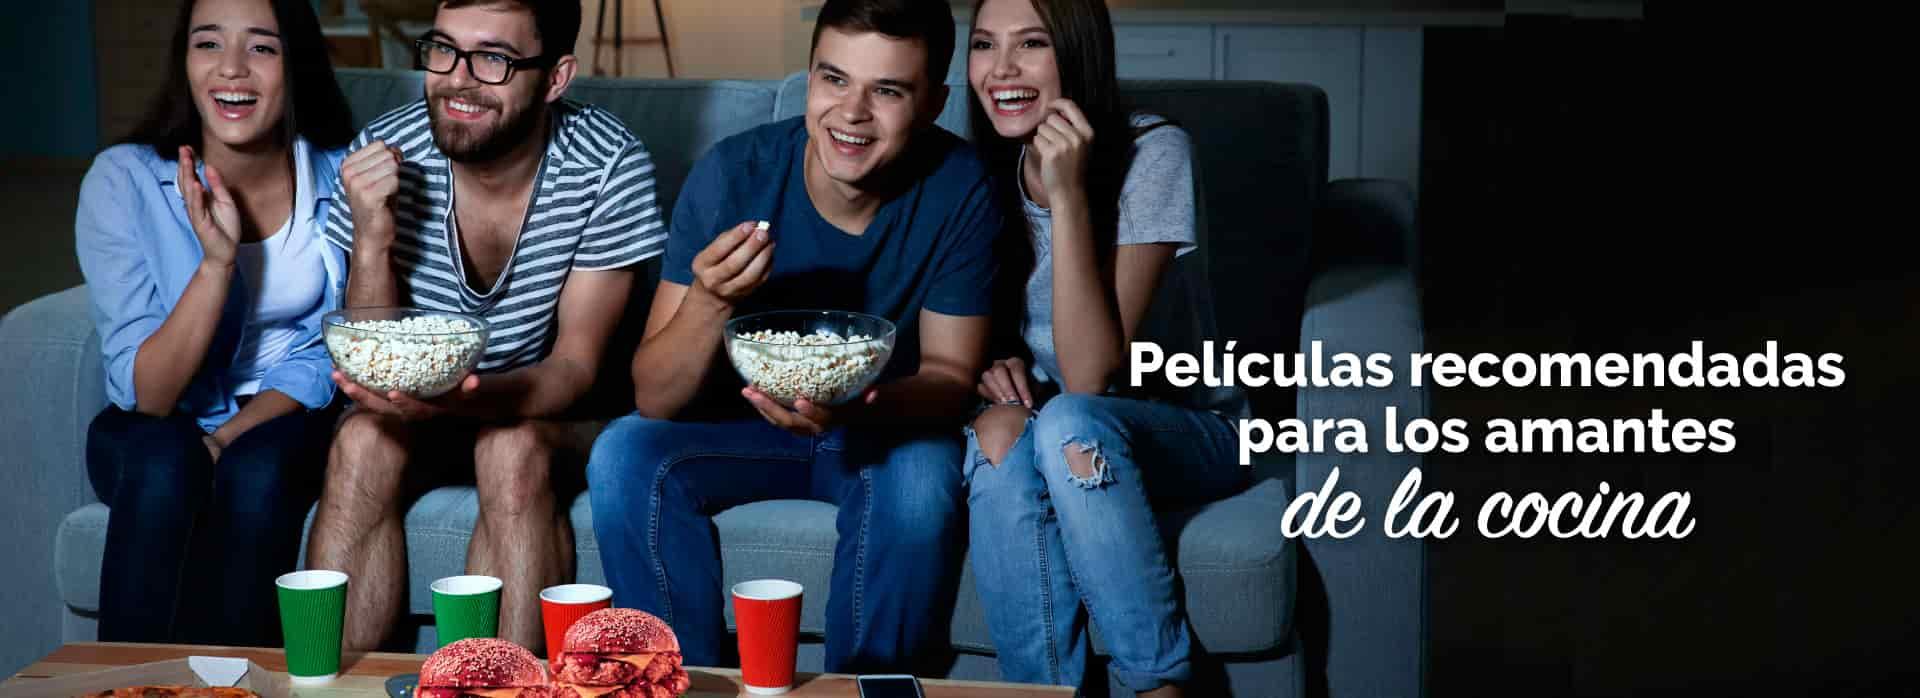 Películas para amantes a la cocina